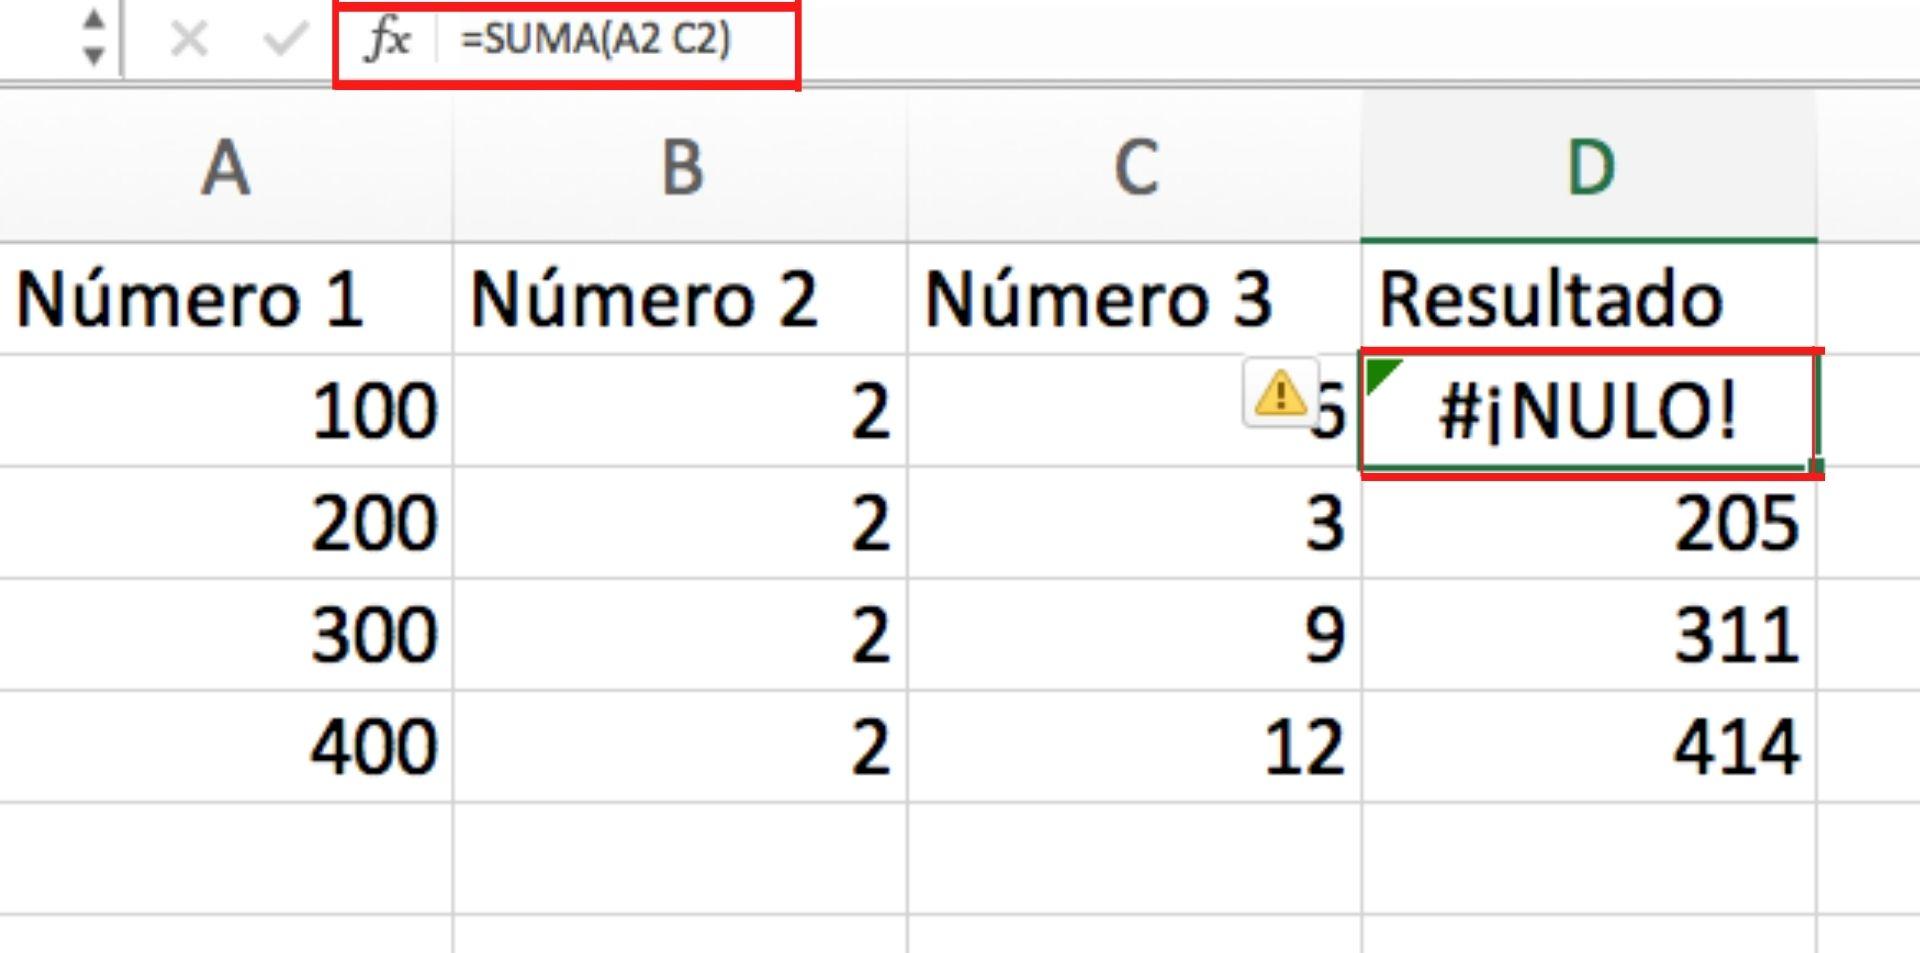 Ejemplo de error #¡NULO! en Excel